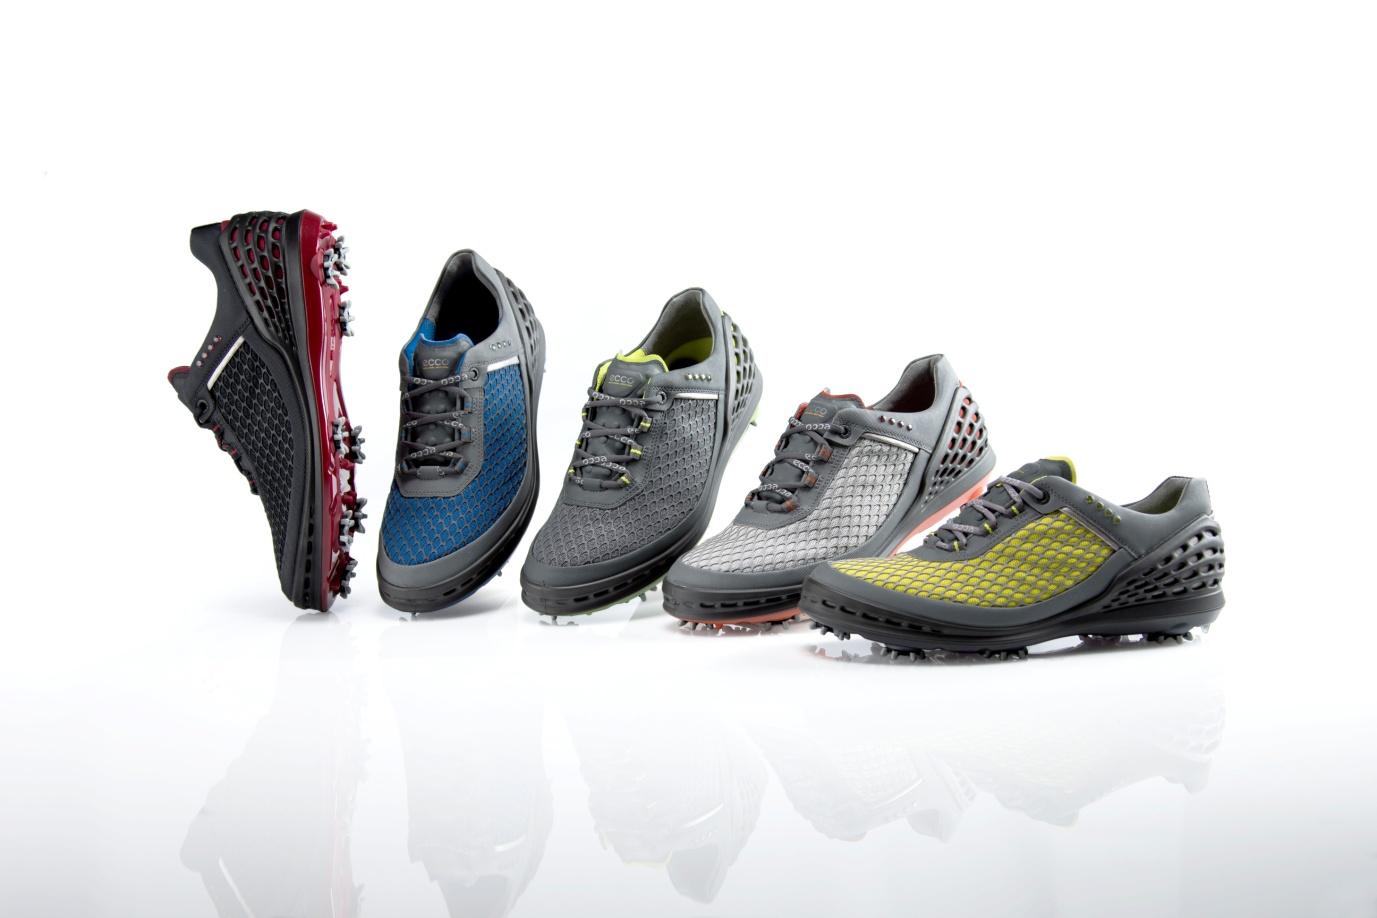 Jordan Spieth's been wearing smart golf shoes